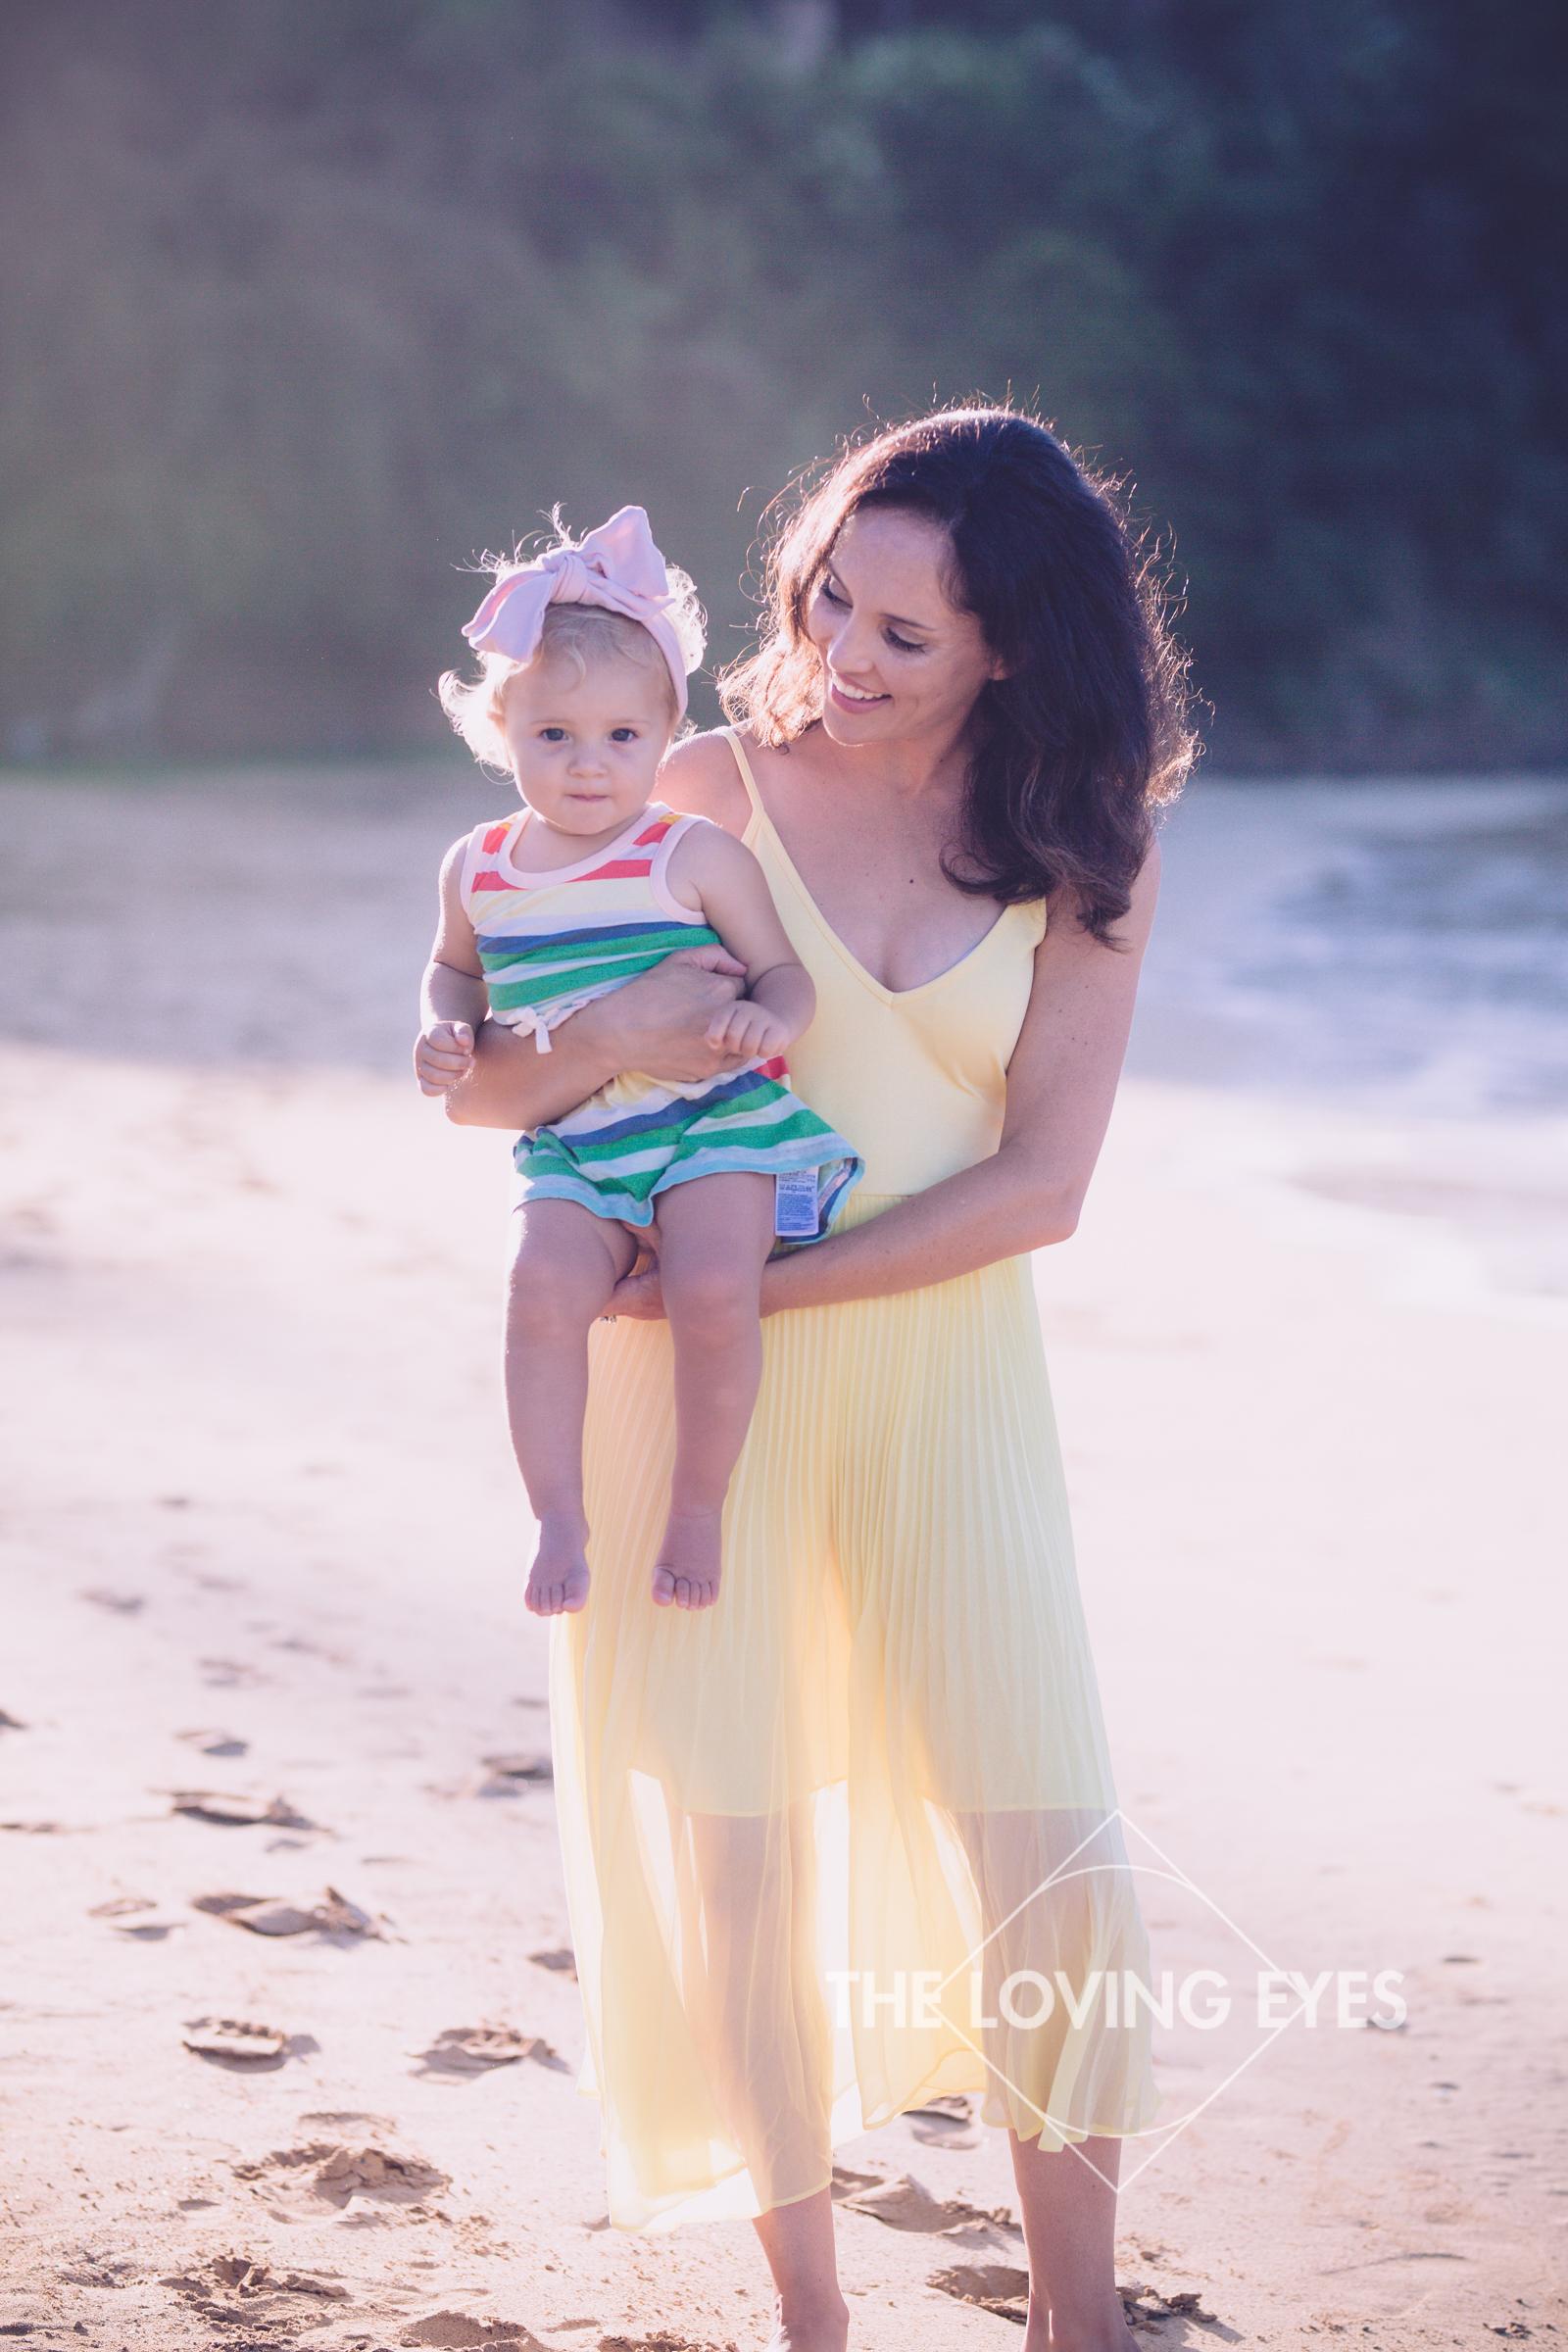 Kauai-Family-Vacation-Beach-Photos-3.jpg